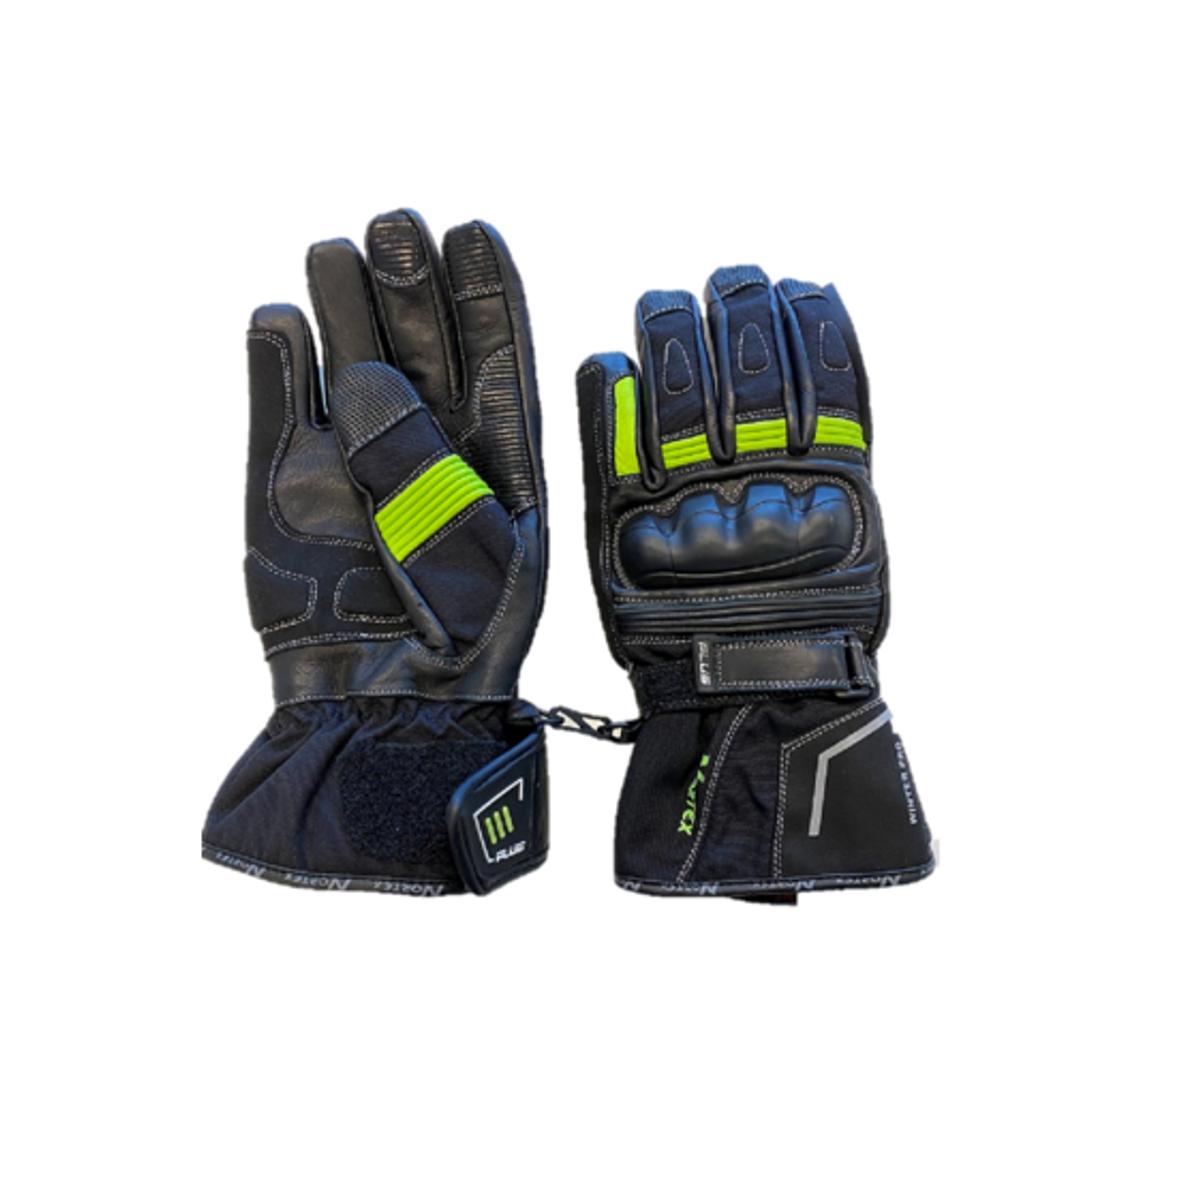 Waterproof MC-hansker